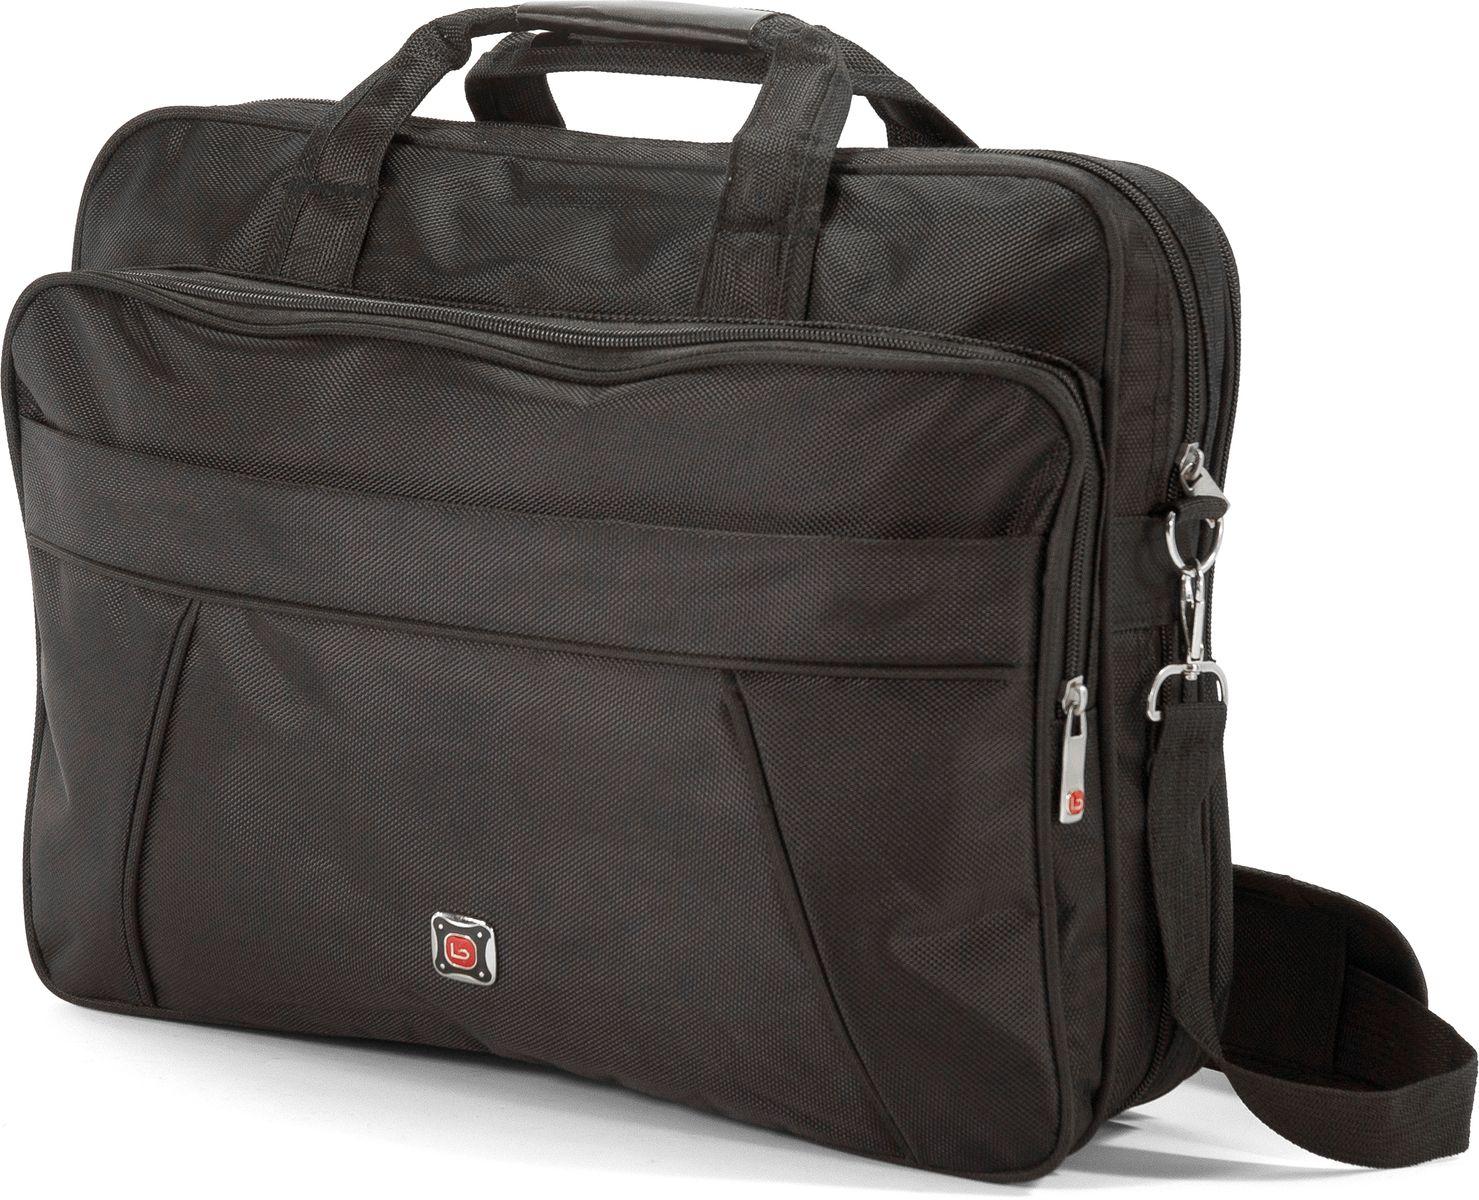 Τσάντα Laptop 15.6inch Benzi BZ5086 Μαύρο ανδρας   χαρτοφύλακες